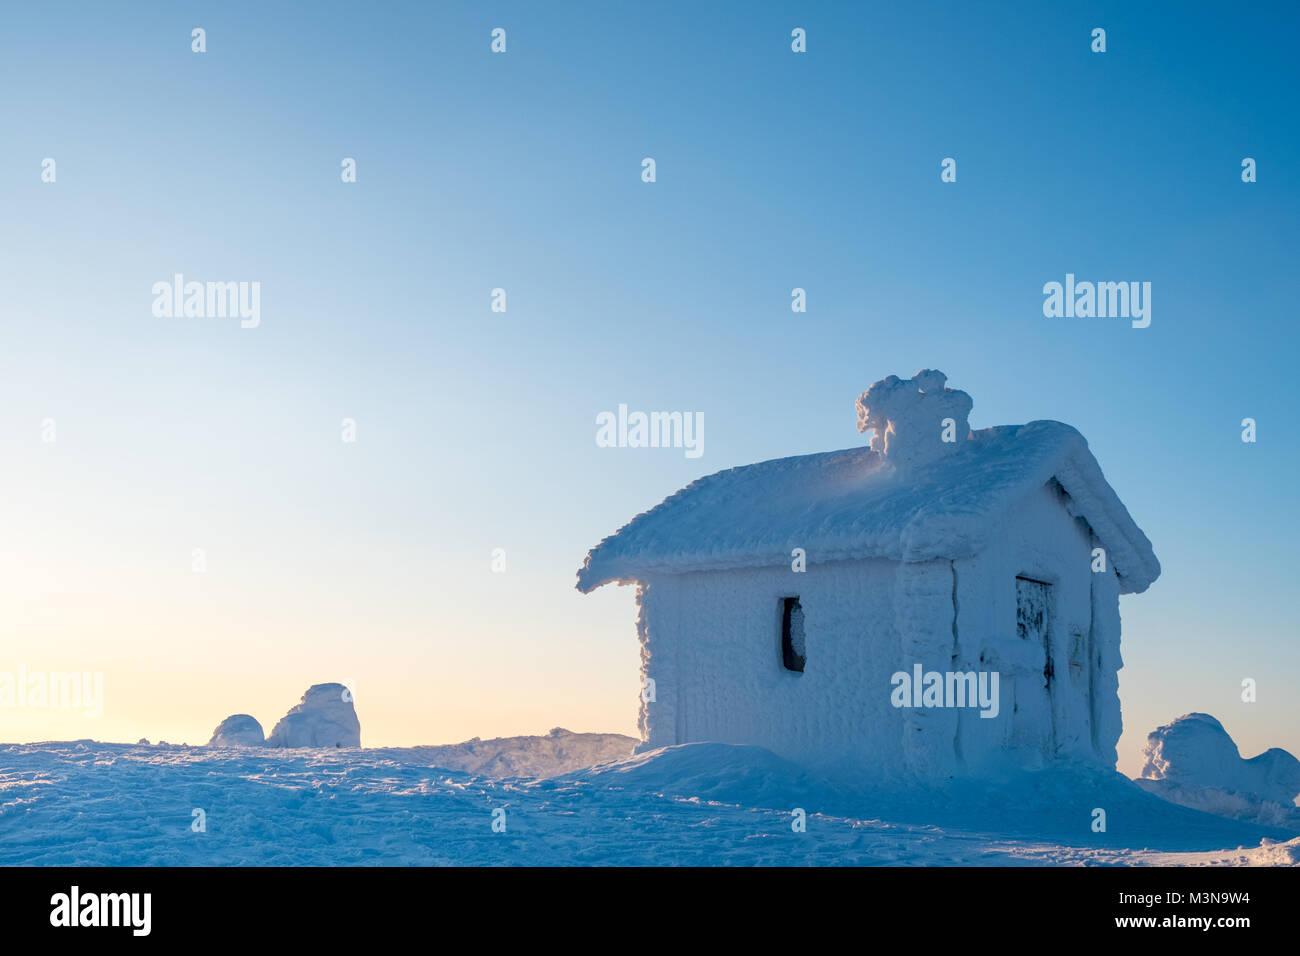 Une cabine incrustée de neige sur le sommet d'une colline en Finlande Photo Stock